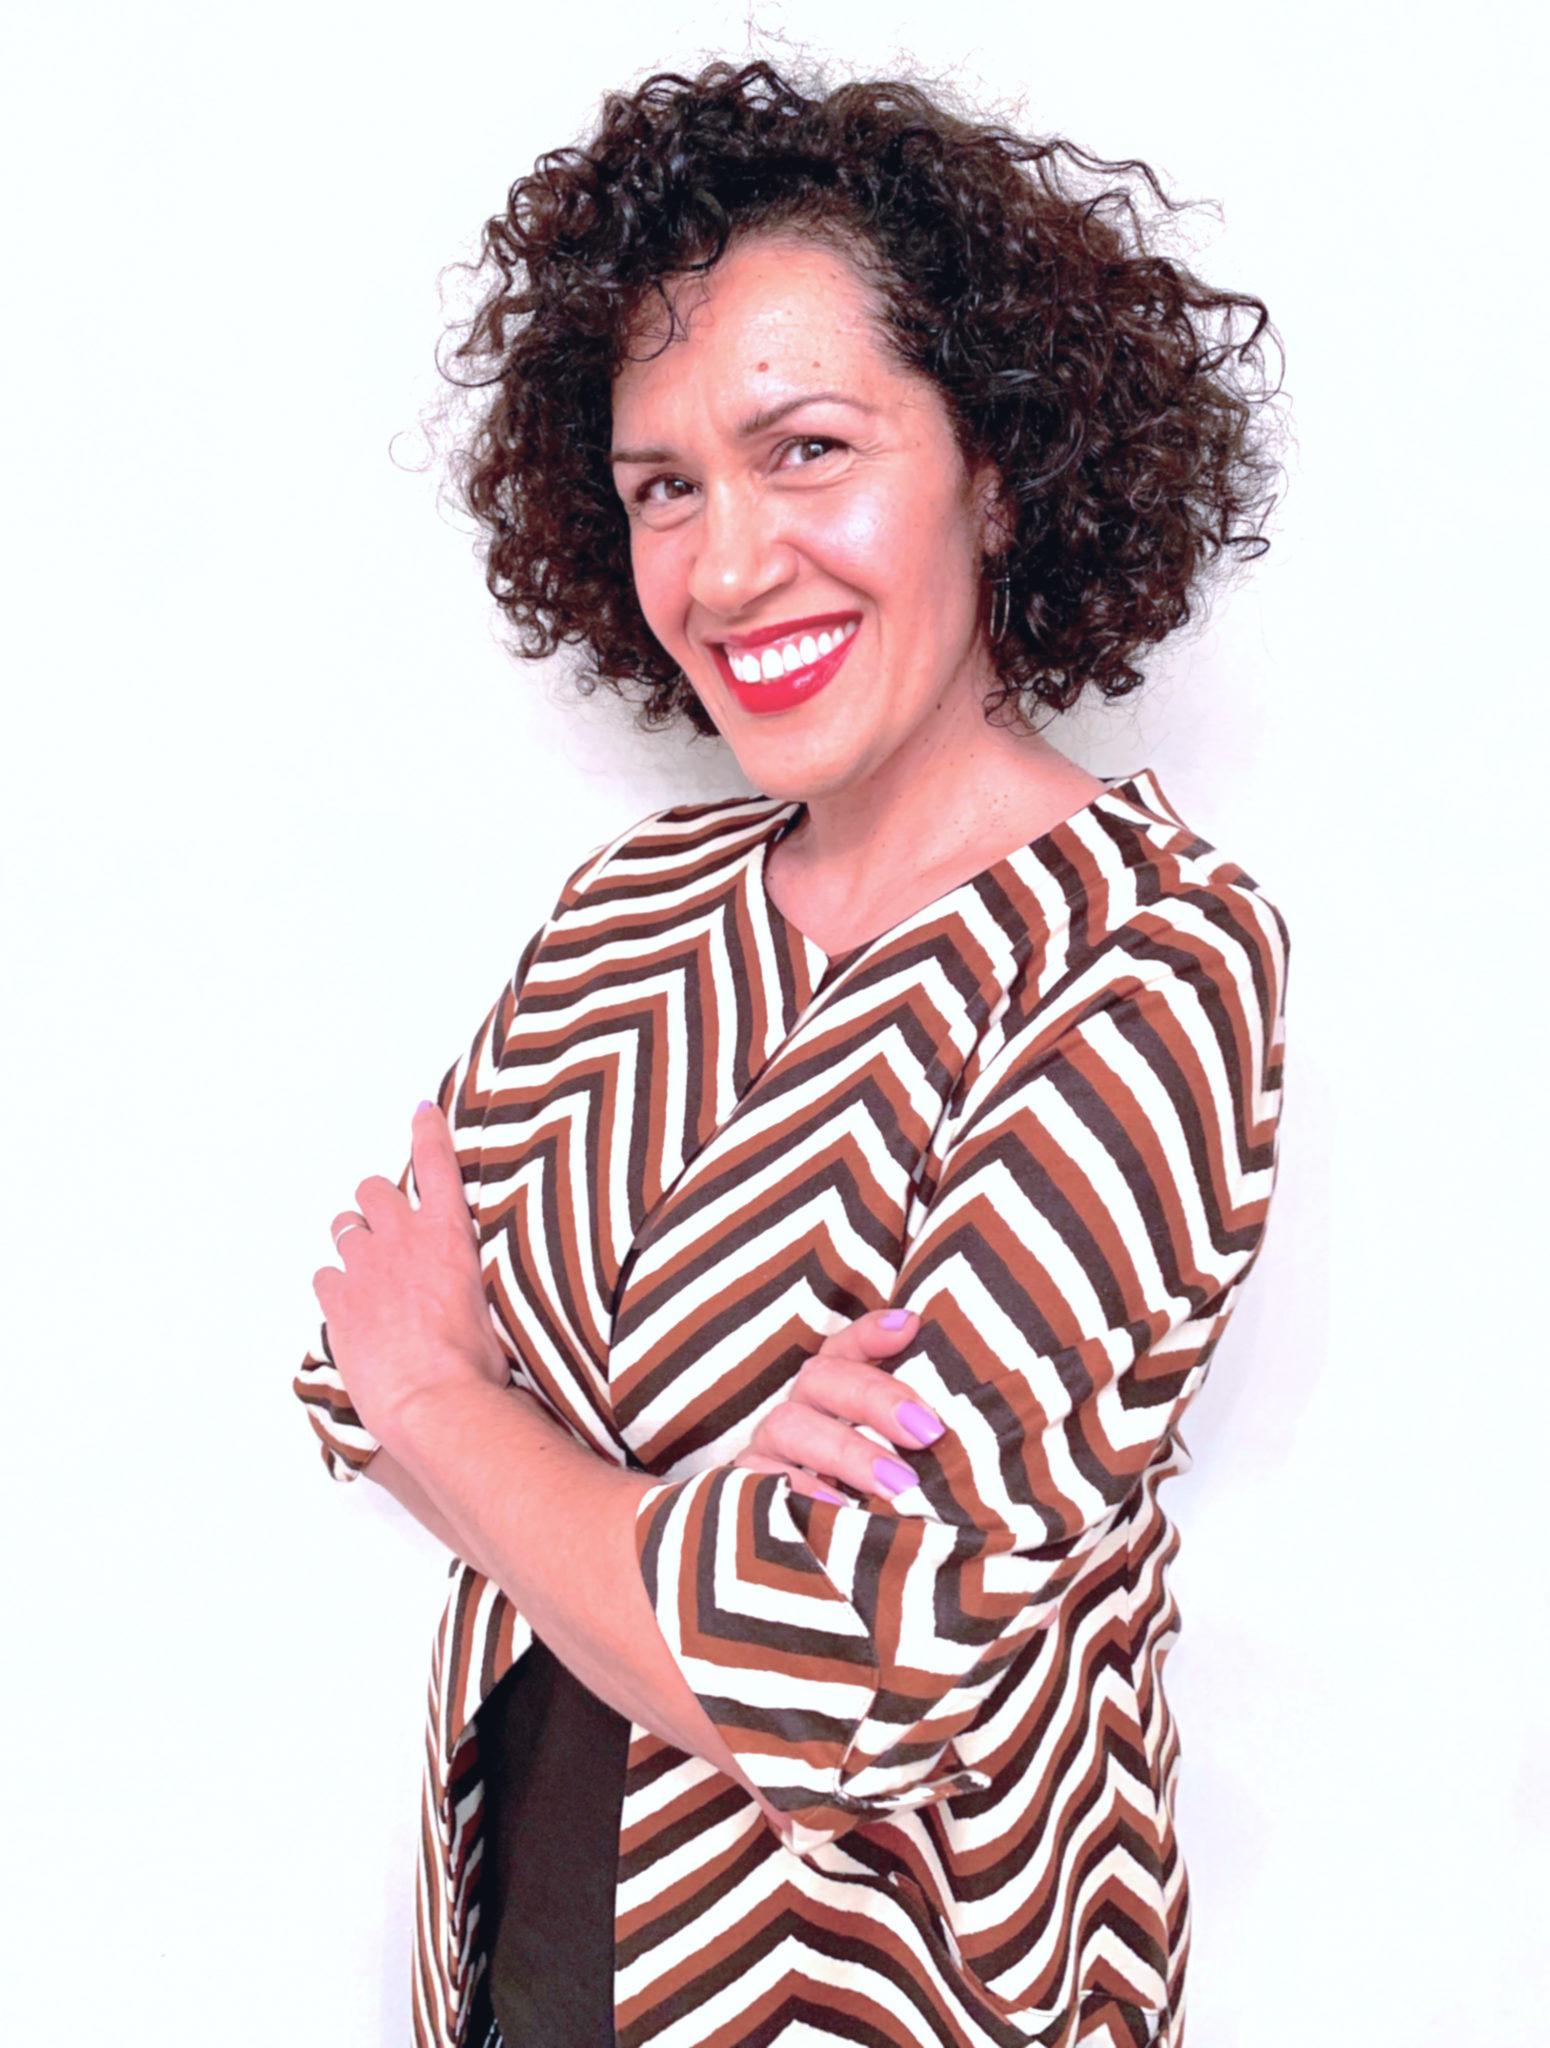 Meet Public Relations Expert Daisy Cabrera